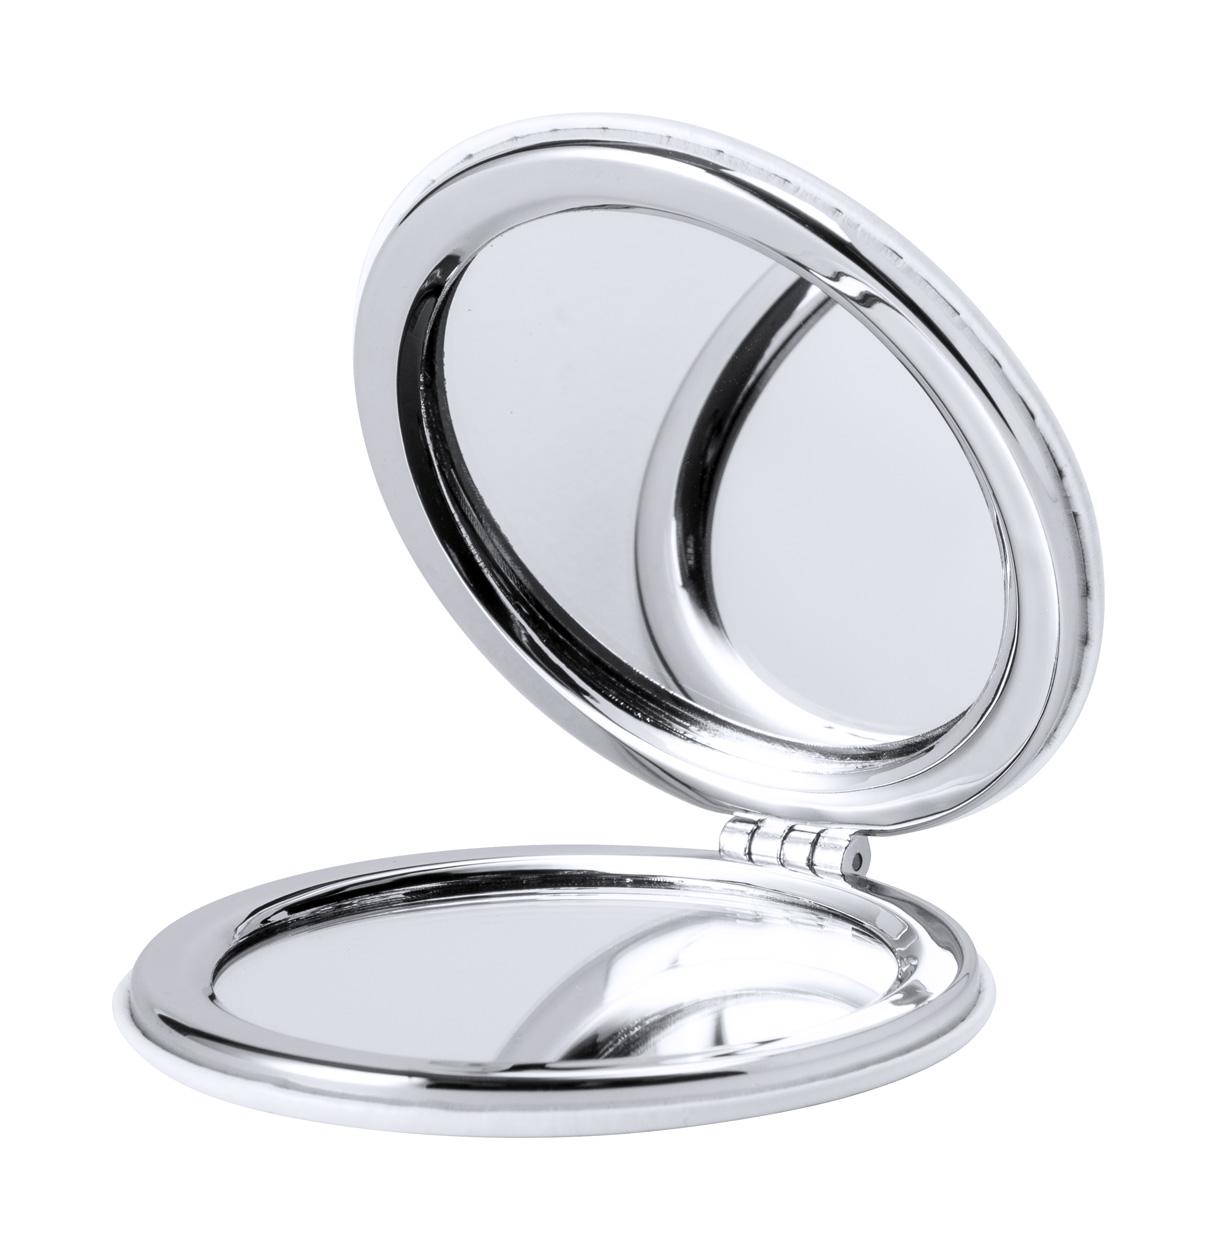 Plumiax specchio tascabile